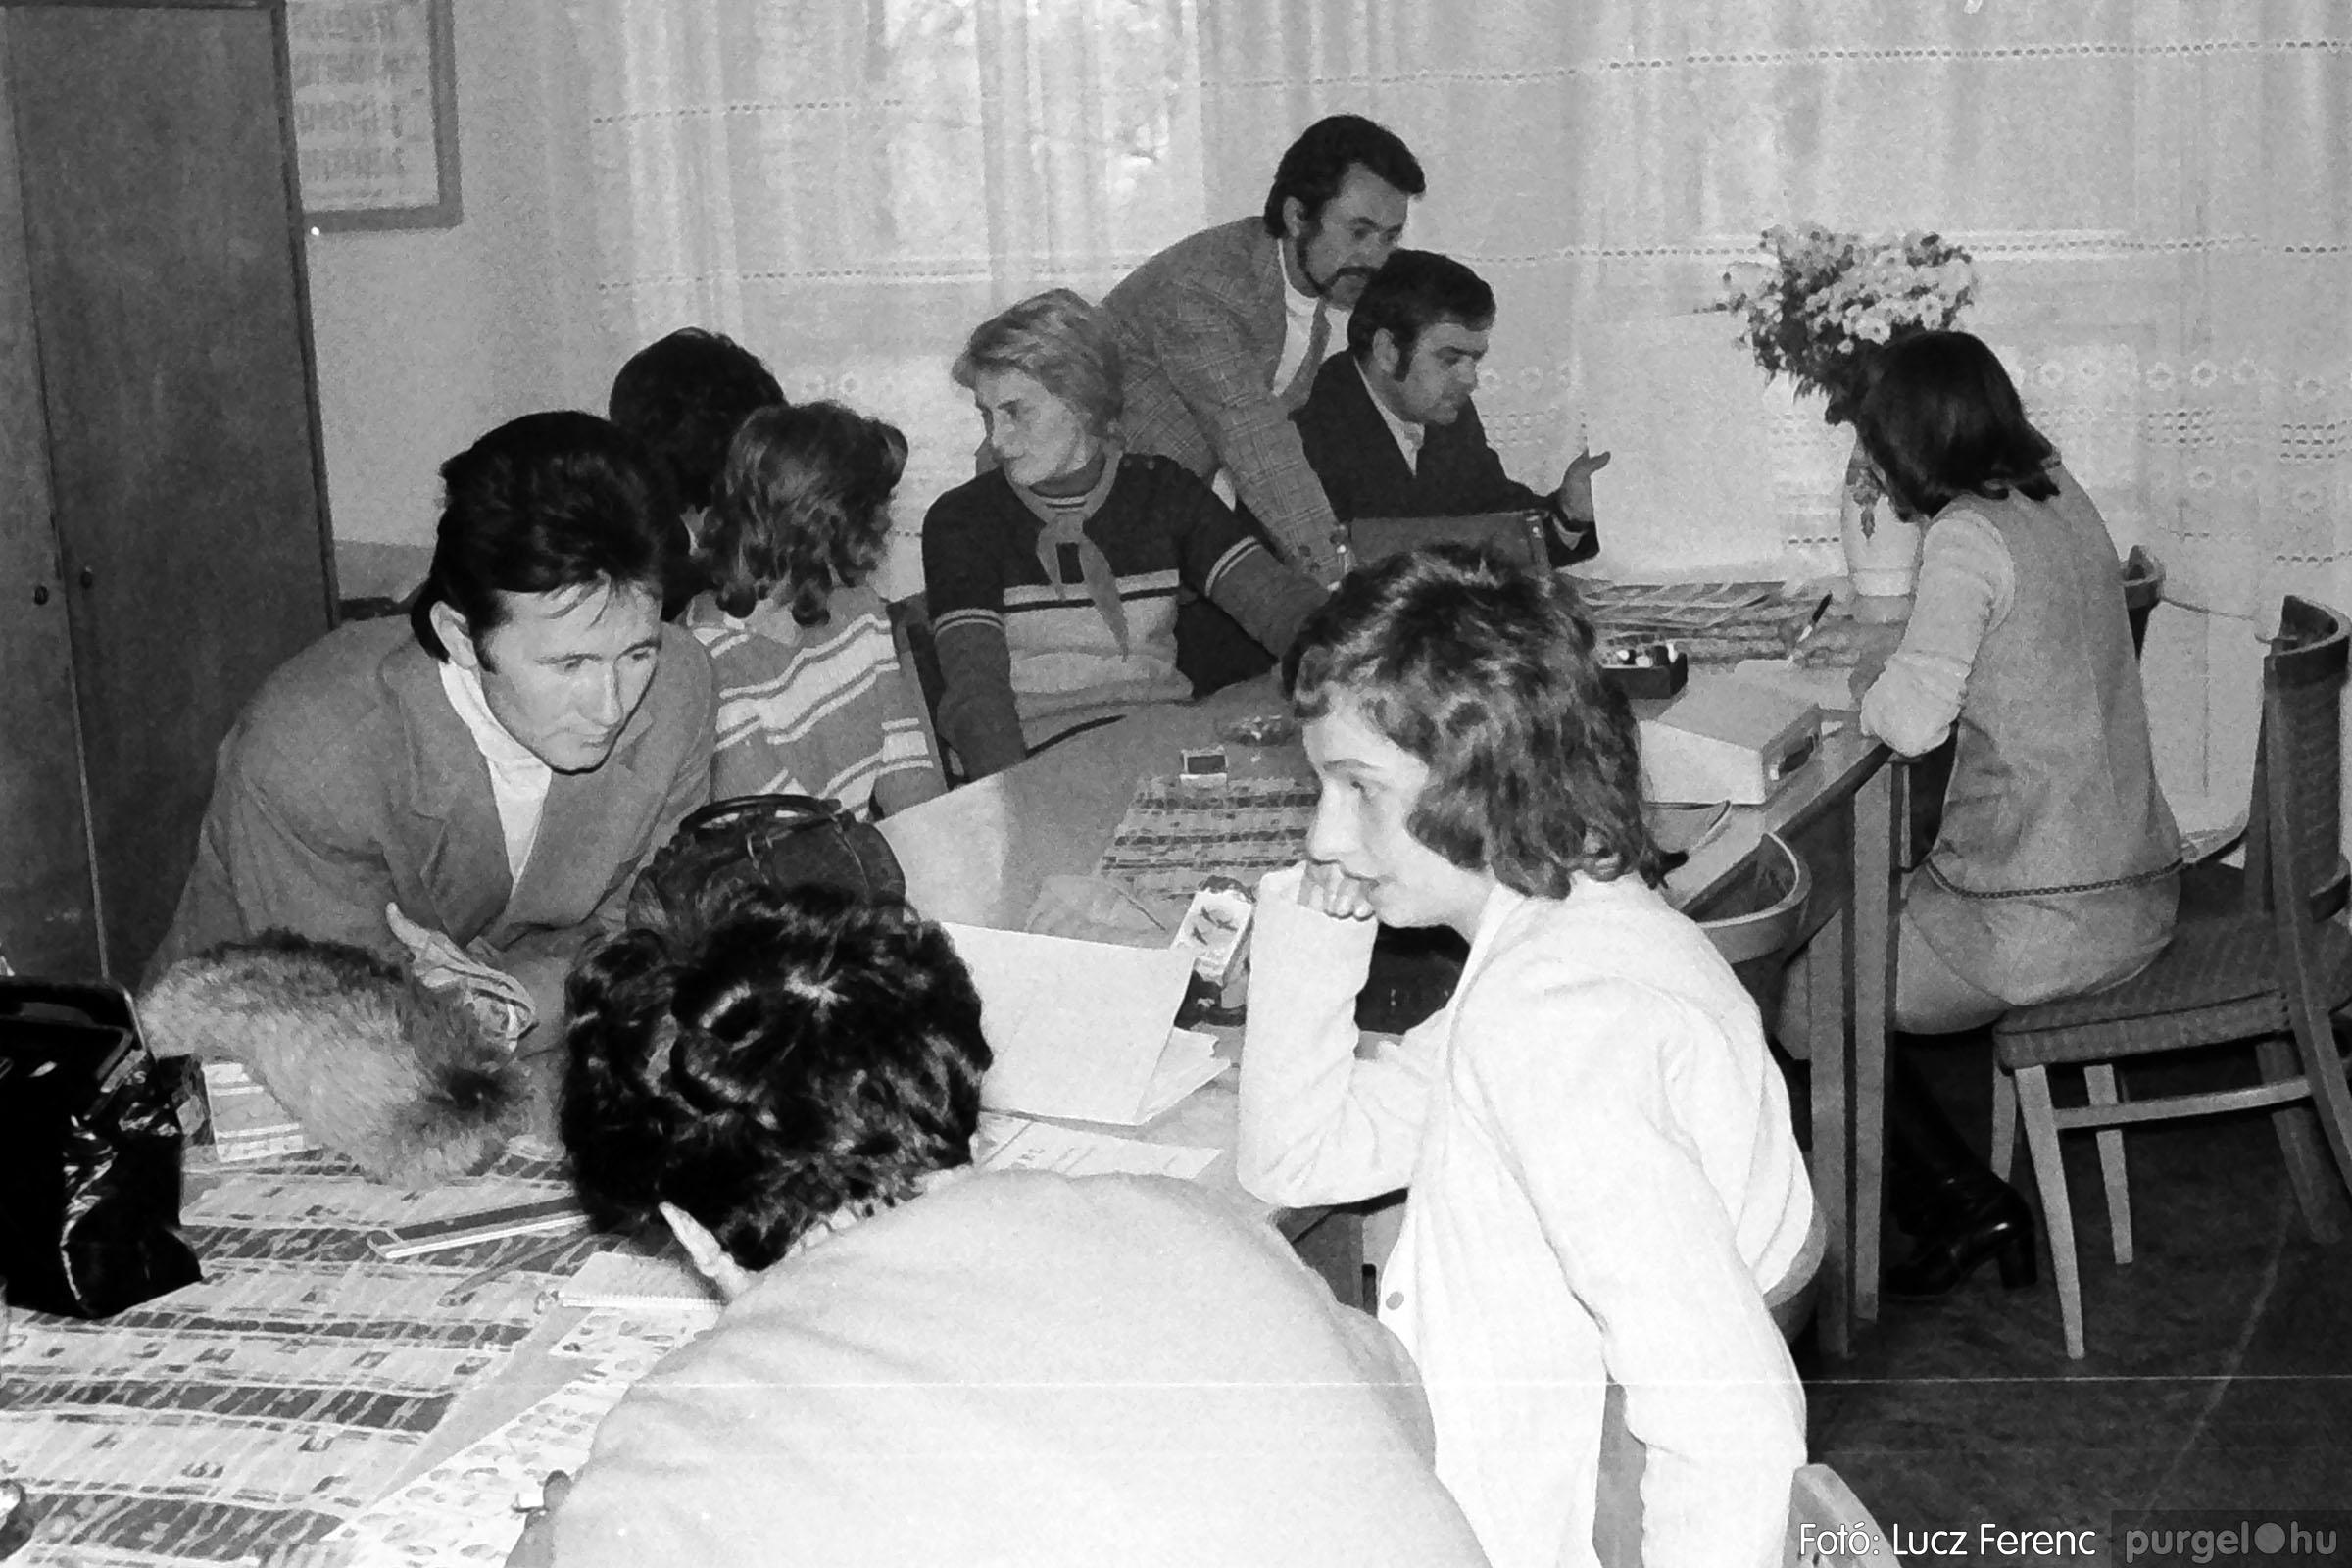 004A 1970-es évek - Úttörő rendezvény 014 - Fotó: Lucz Ferenc IMG00025q.jpg